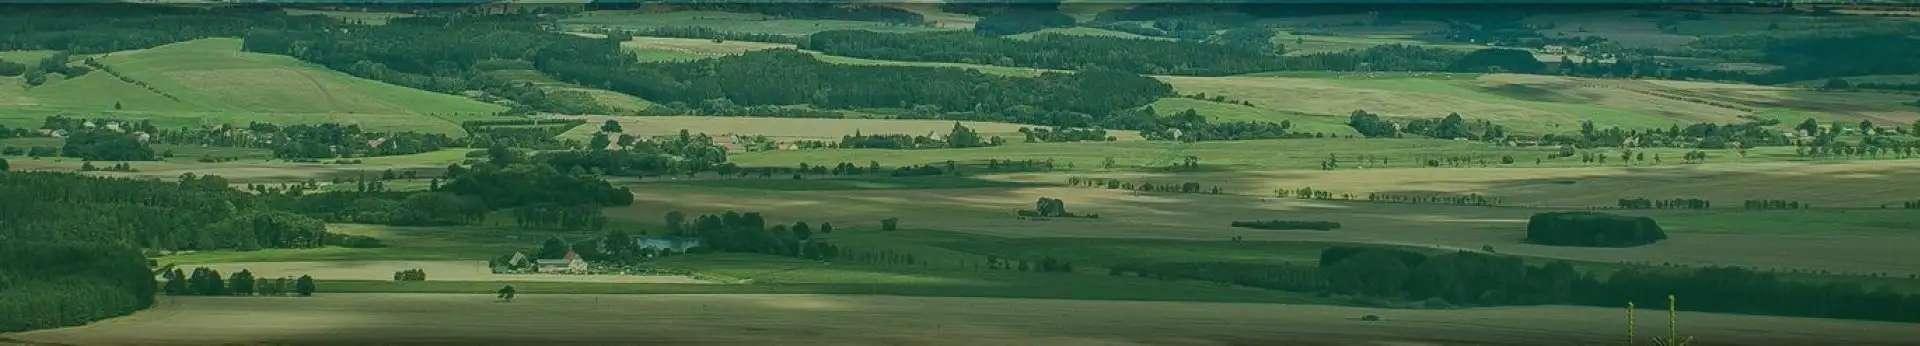 panoramiczne zdjęcie zielonego pofalowanego krajobrazu z oddali